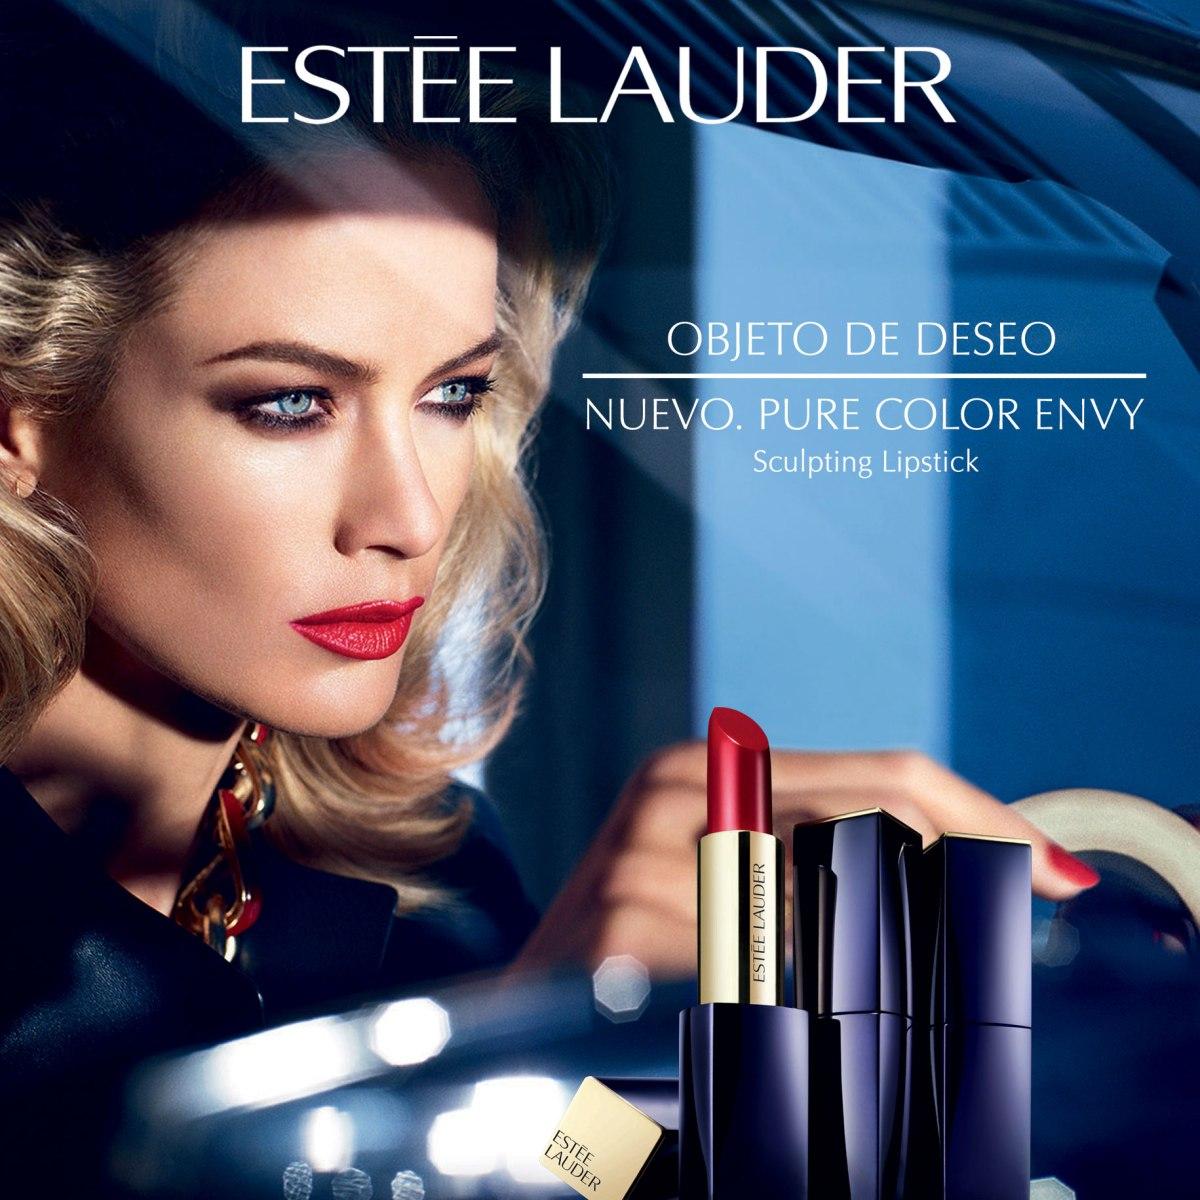 Evento de lujo para presentar Pure Color Envy Sculpting Lipstick, el nuevo labial de Estée Lauder